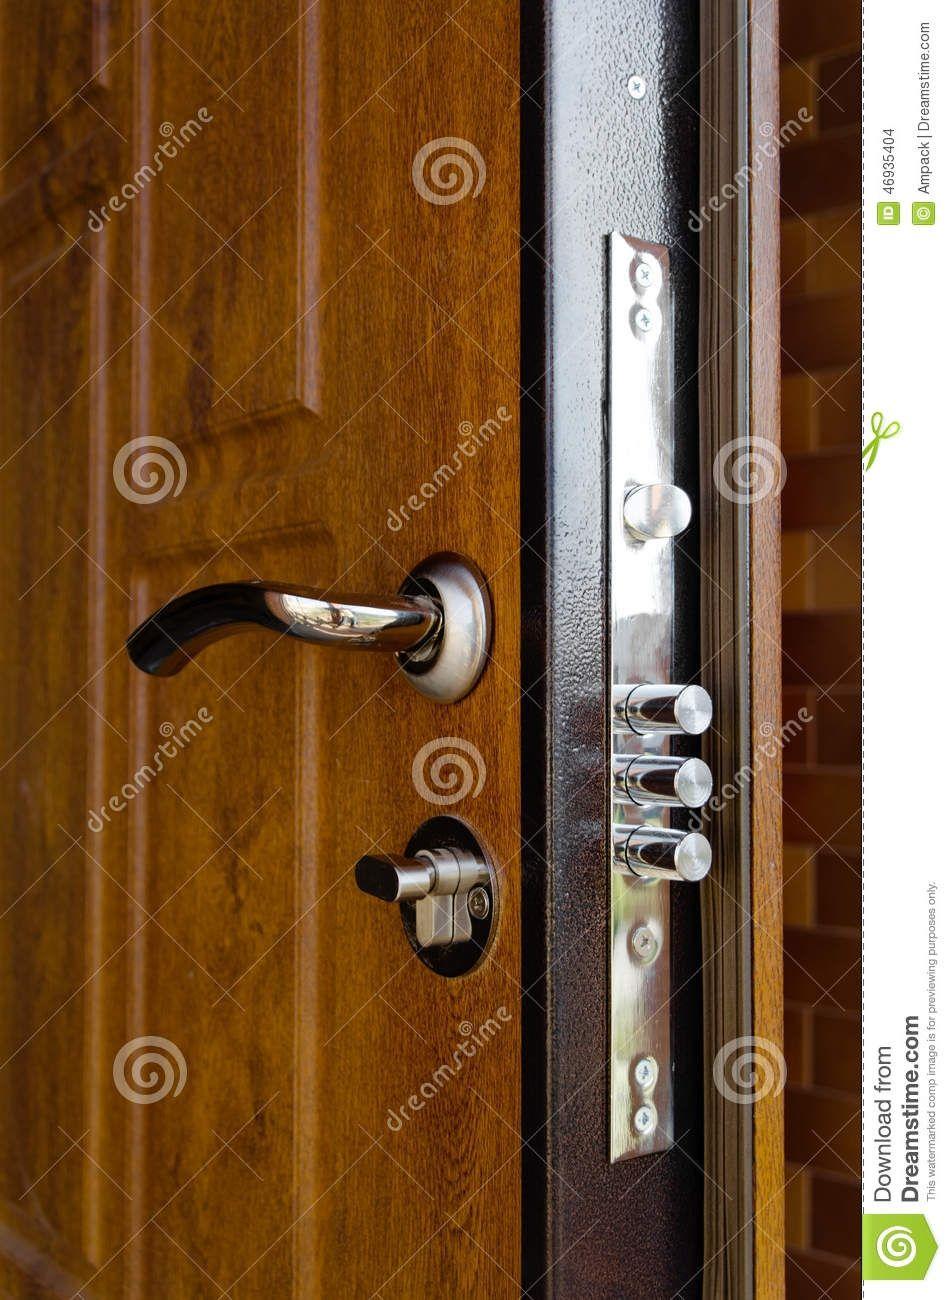 High Security Lock Front Door Wooden Front Doors Security Door